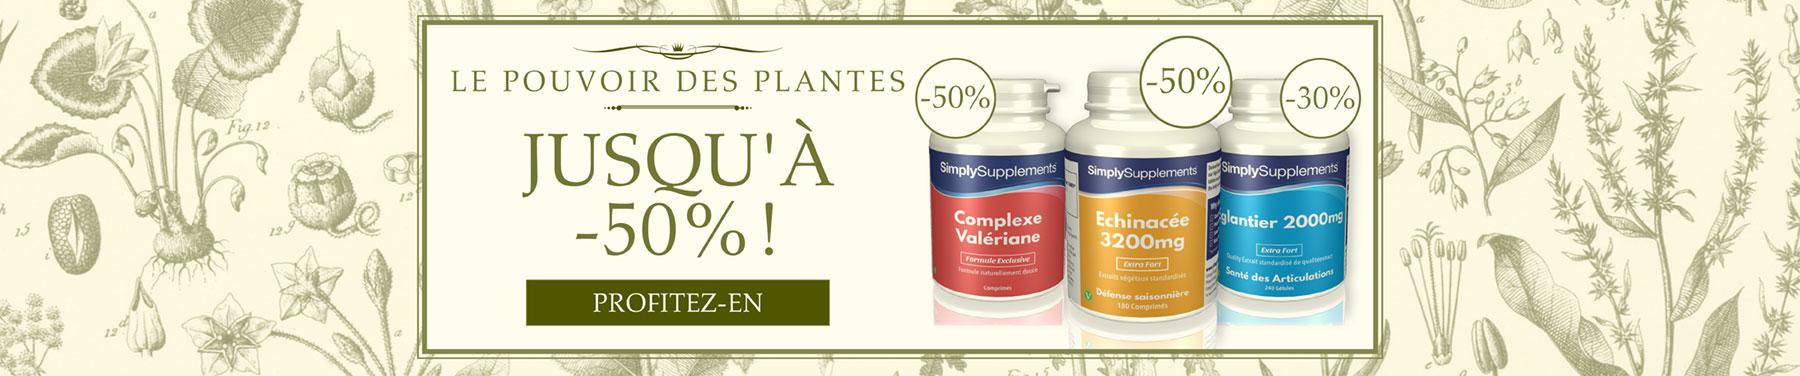 Le pouvoir des plantes - Jusqu'à -50%